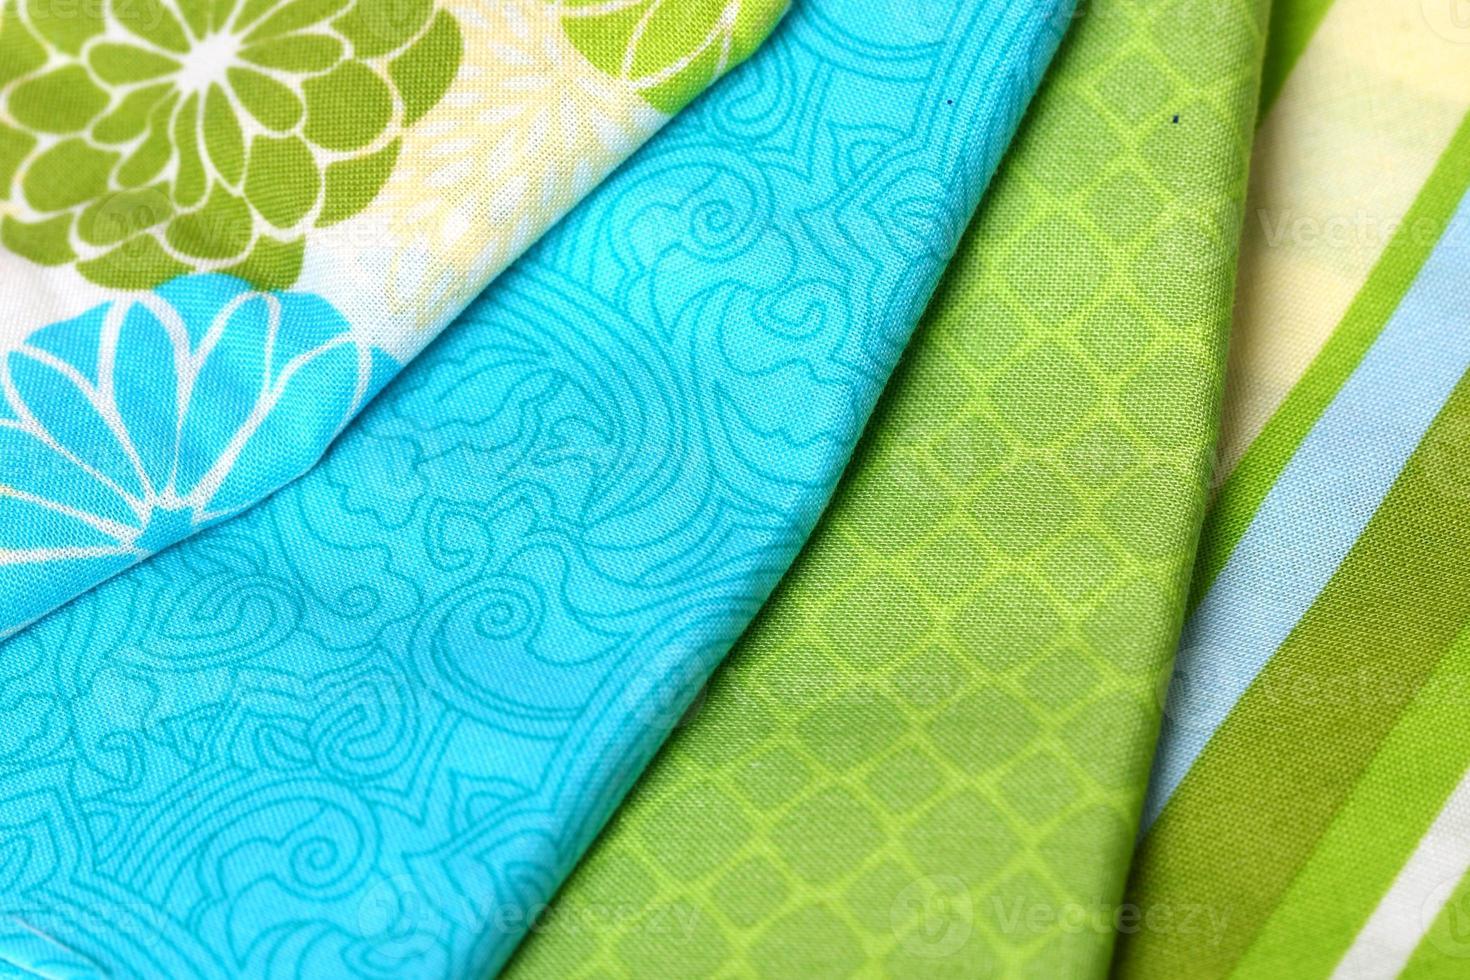 blå och grön färgstark palett av tyg foto